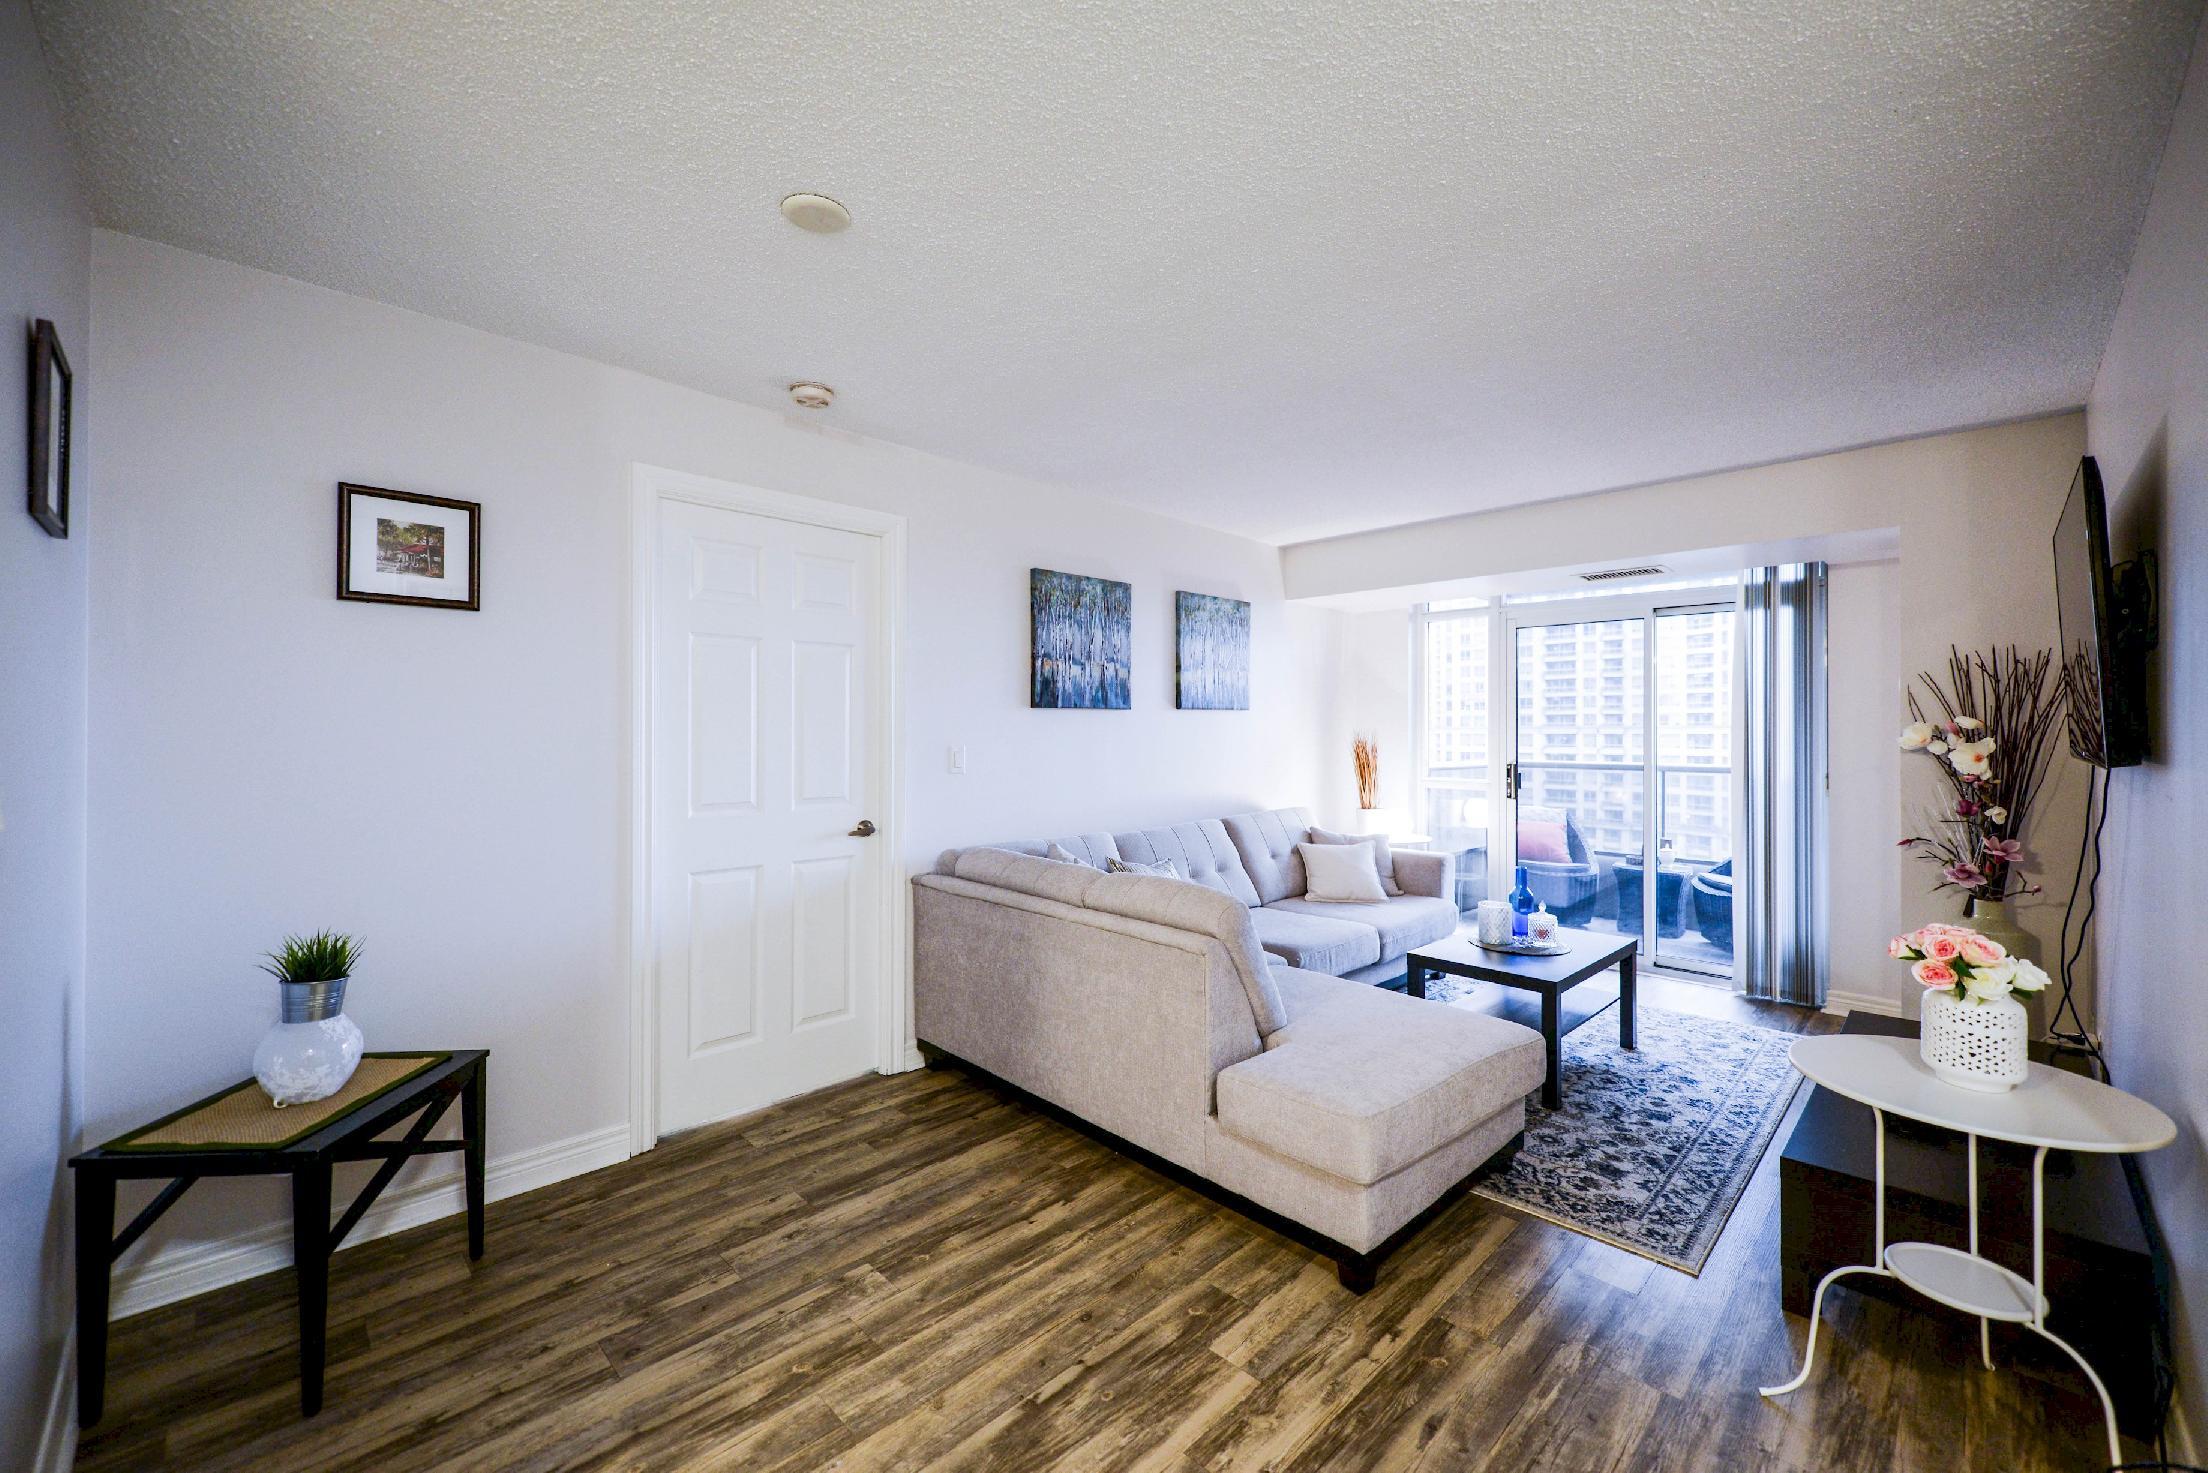 3BR-2BATH Suites #3303007 photo 11681336